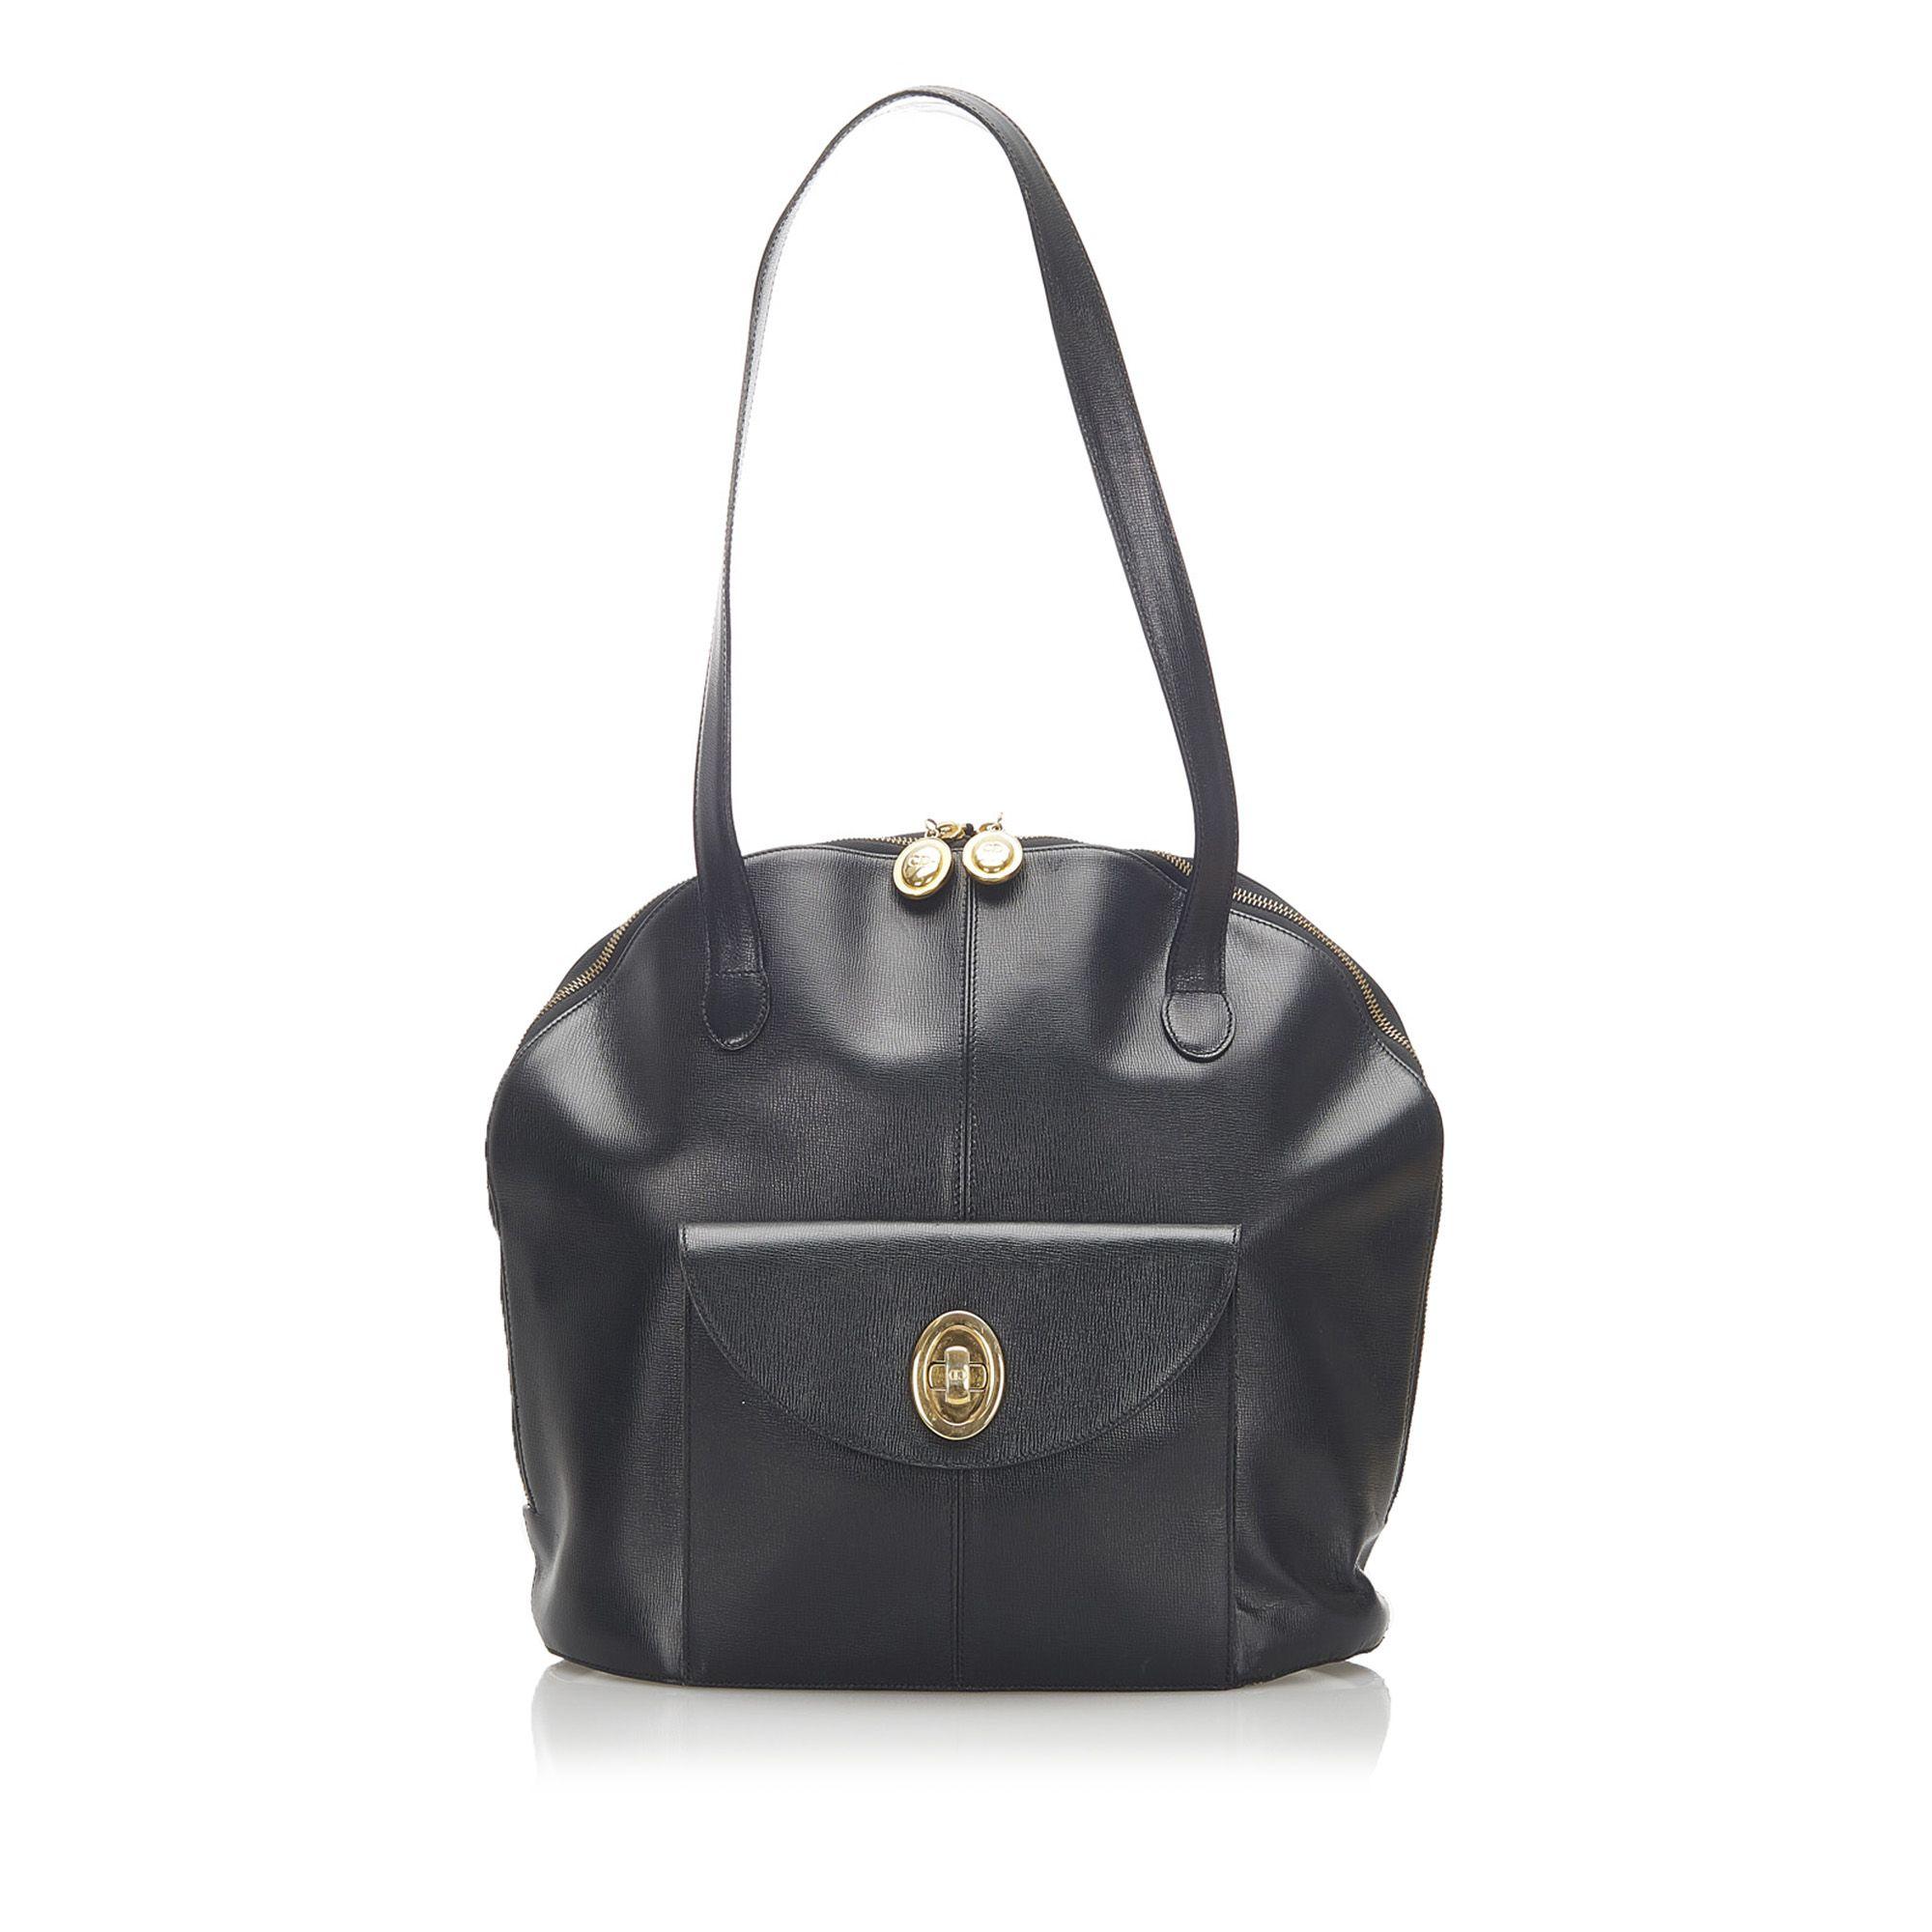 Vintage Dior Leather Tote Bag Black